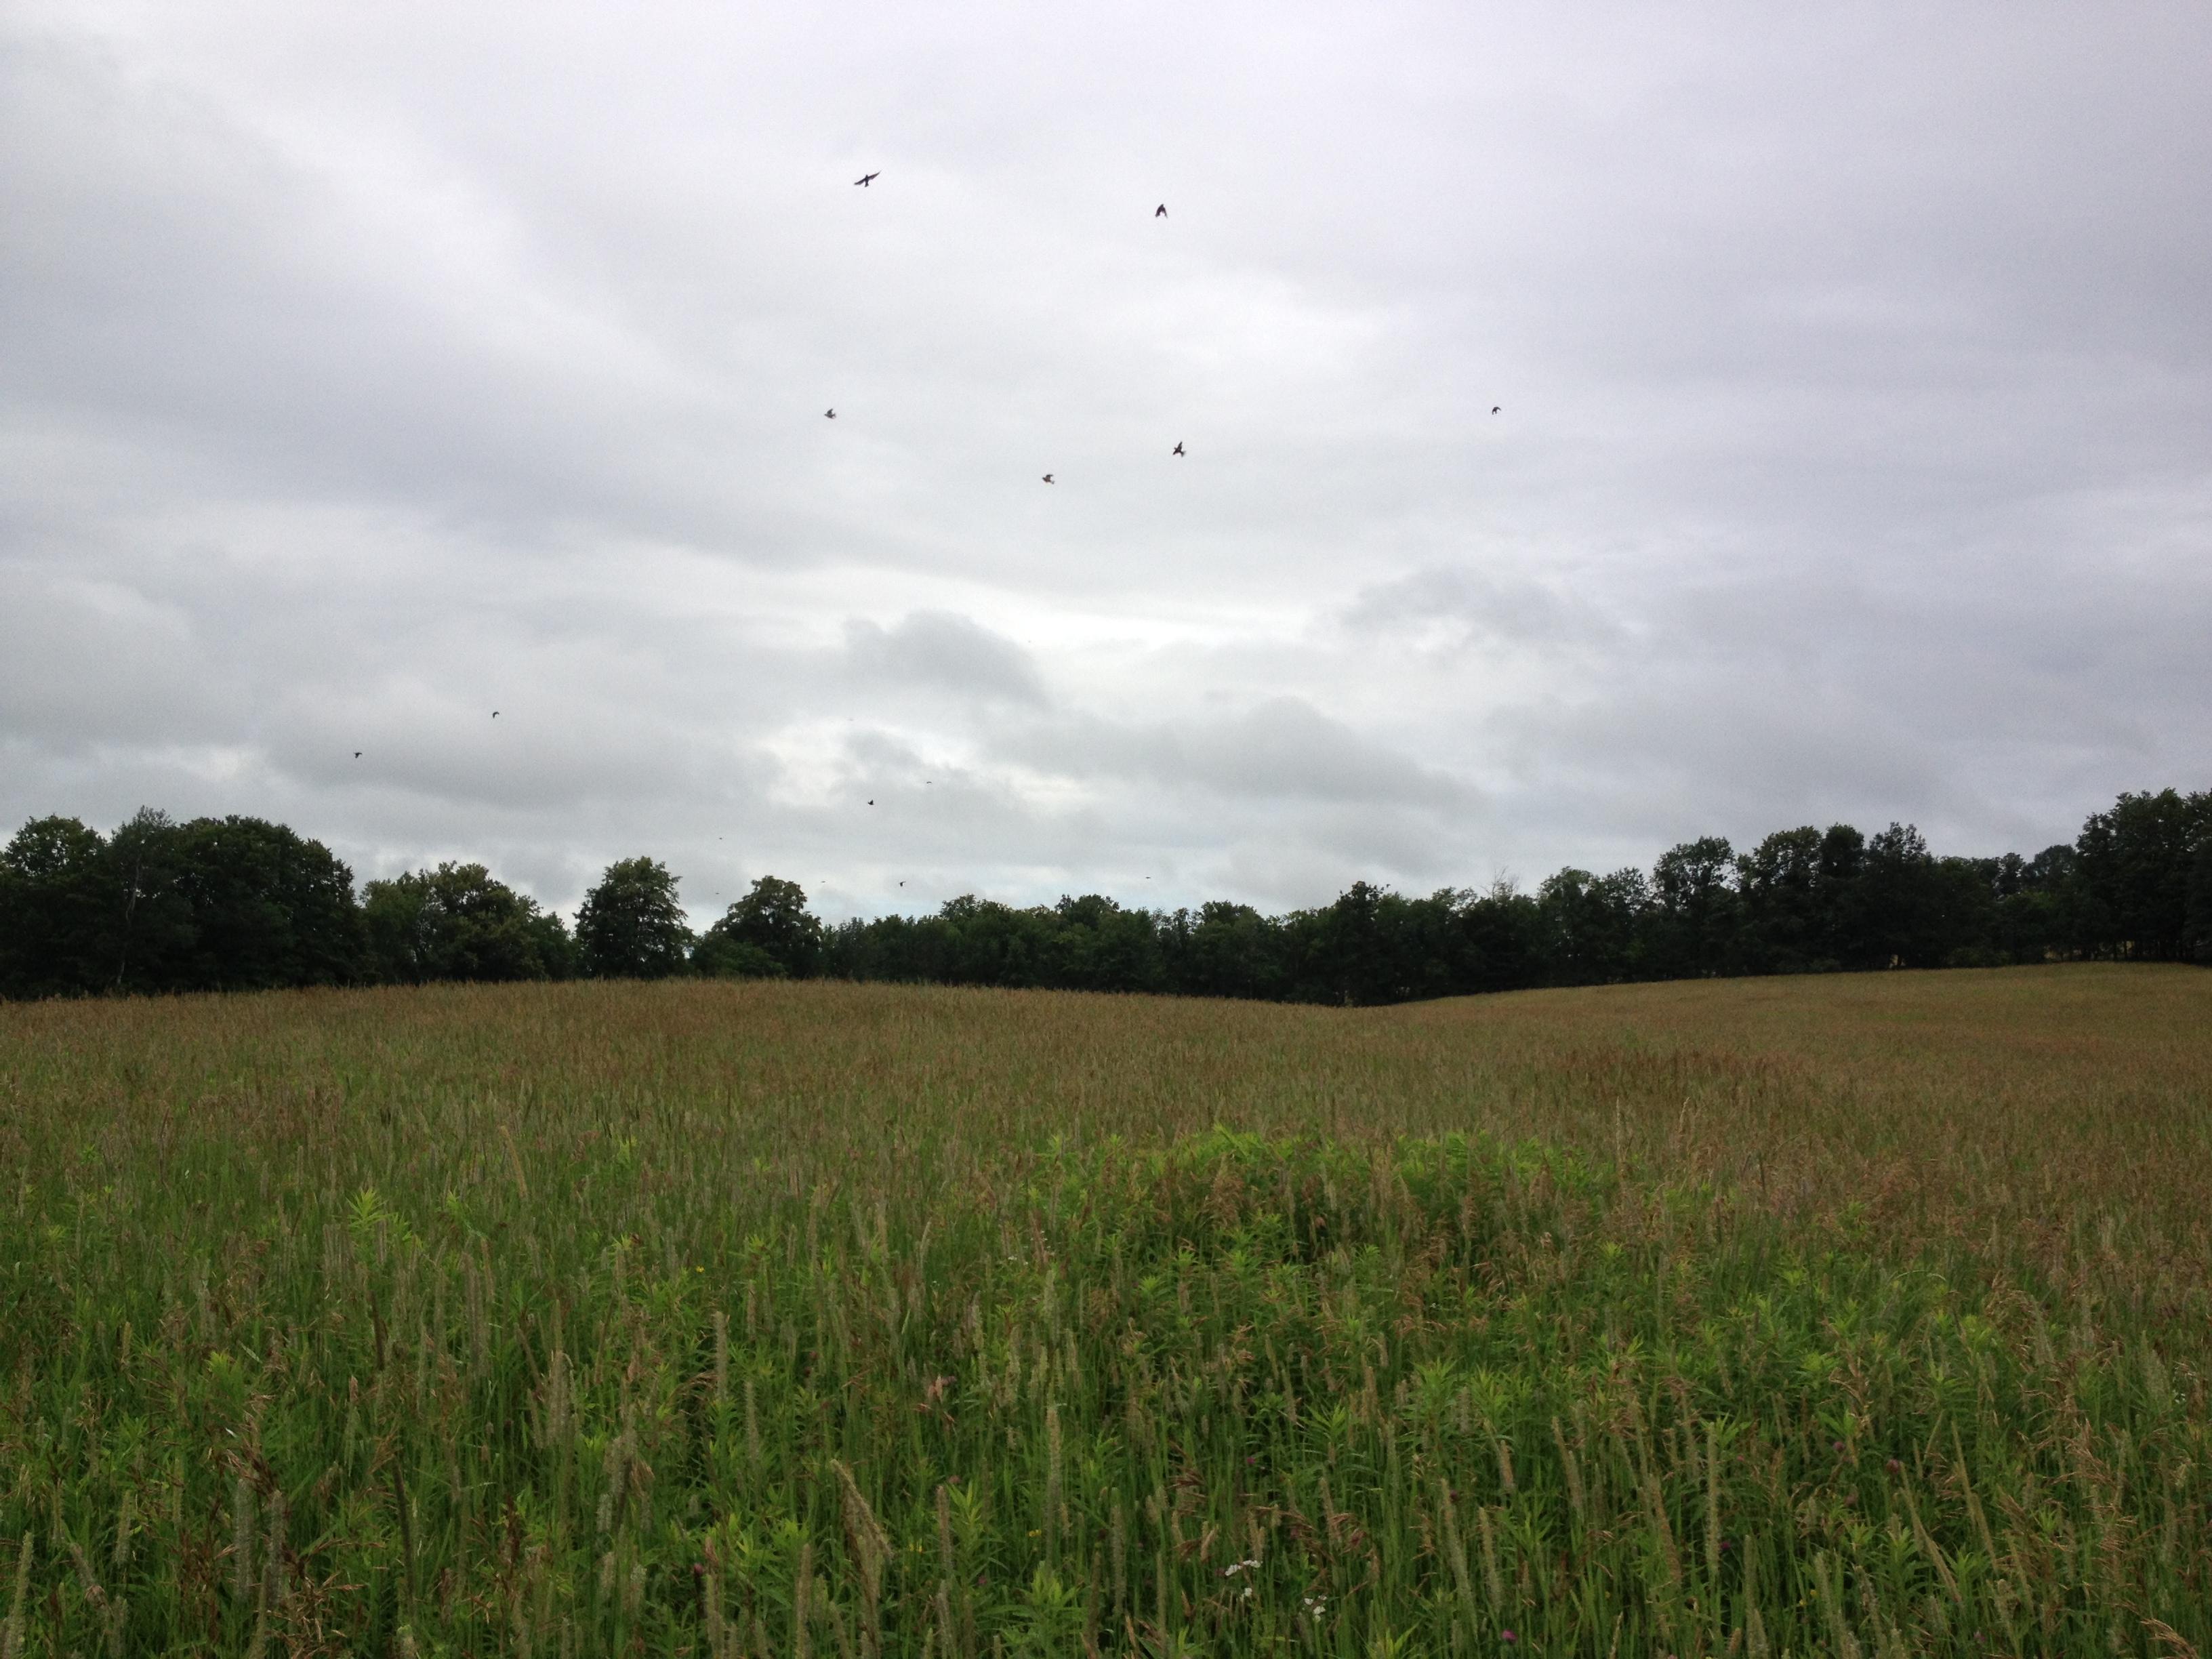 Fledglings in the sky.